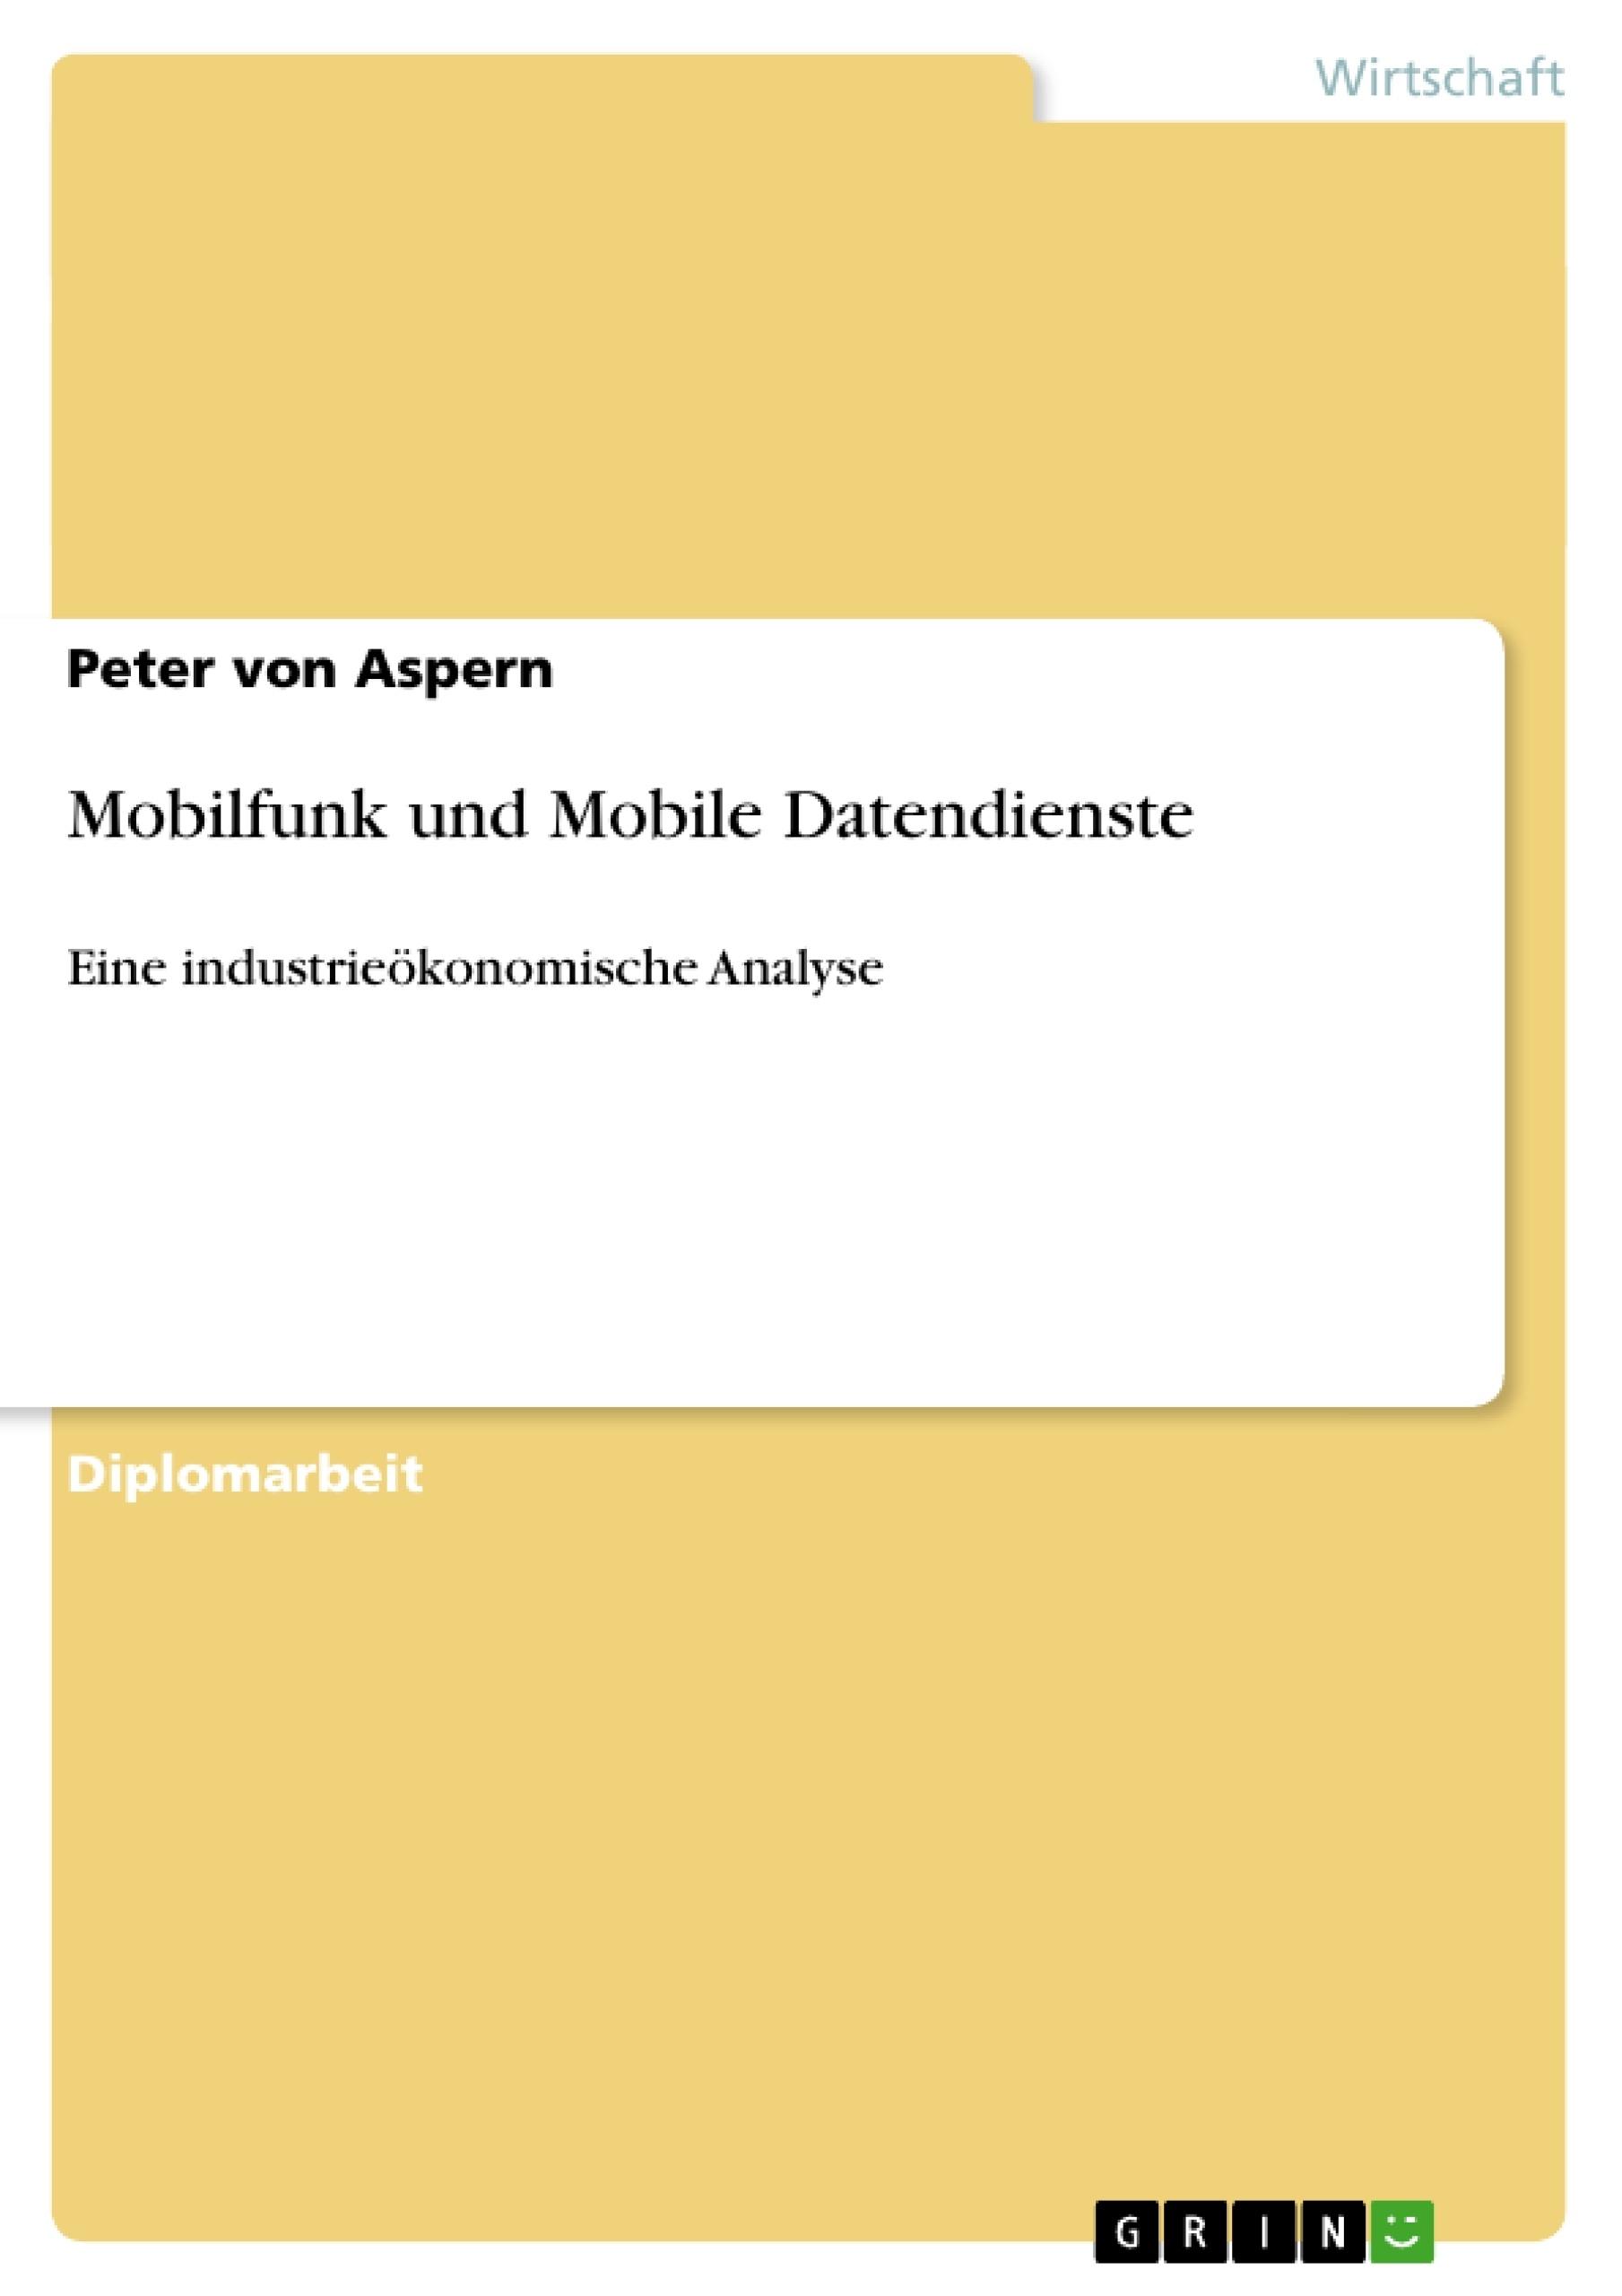 Titel: Mobilfunk und Mobile Datendienste